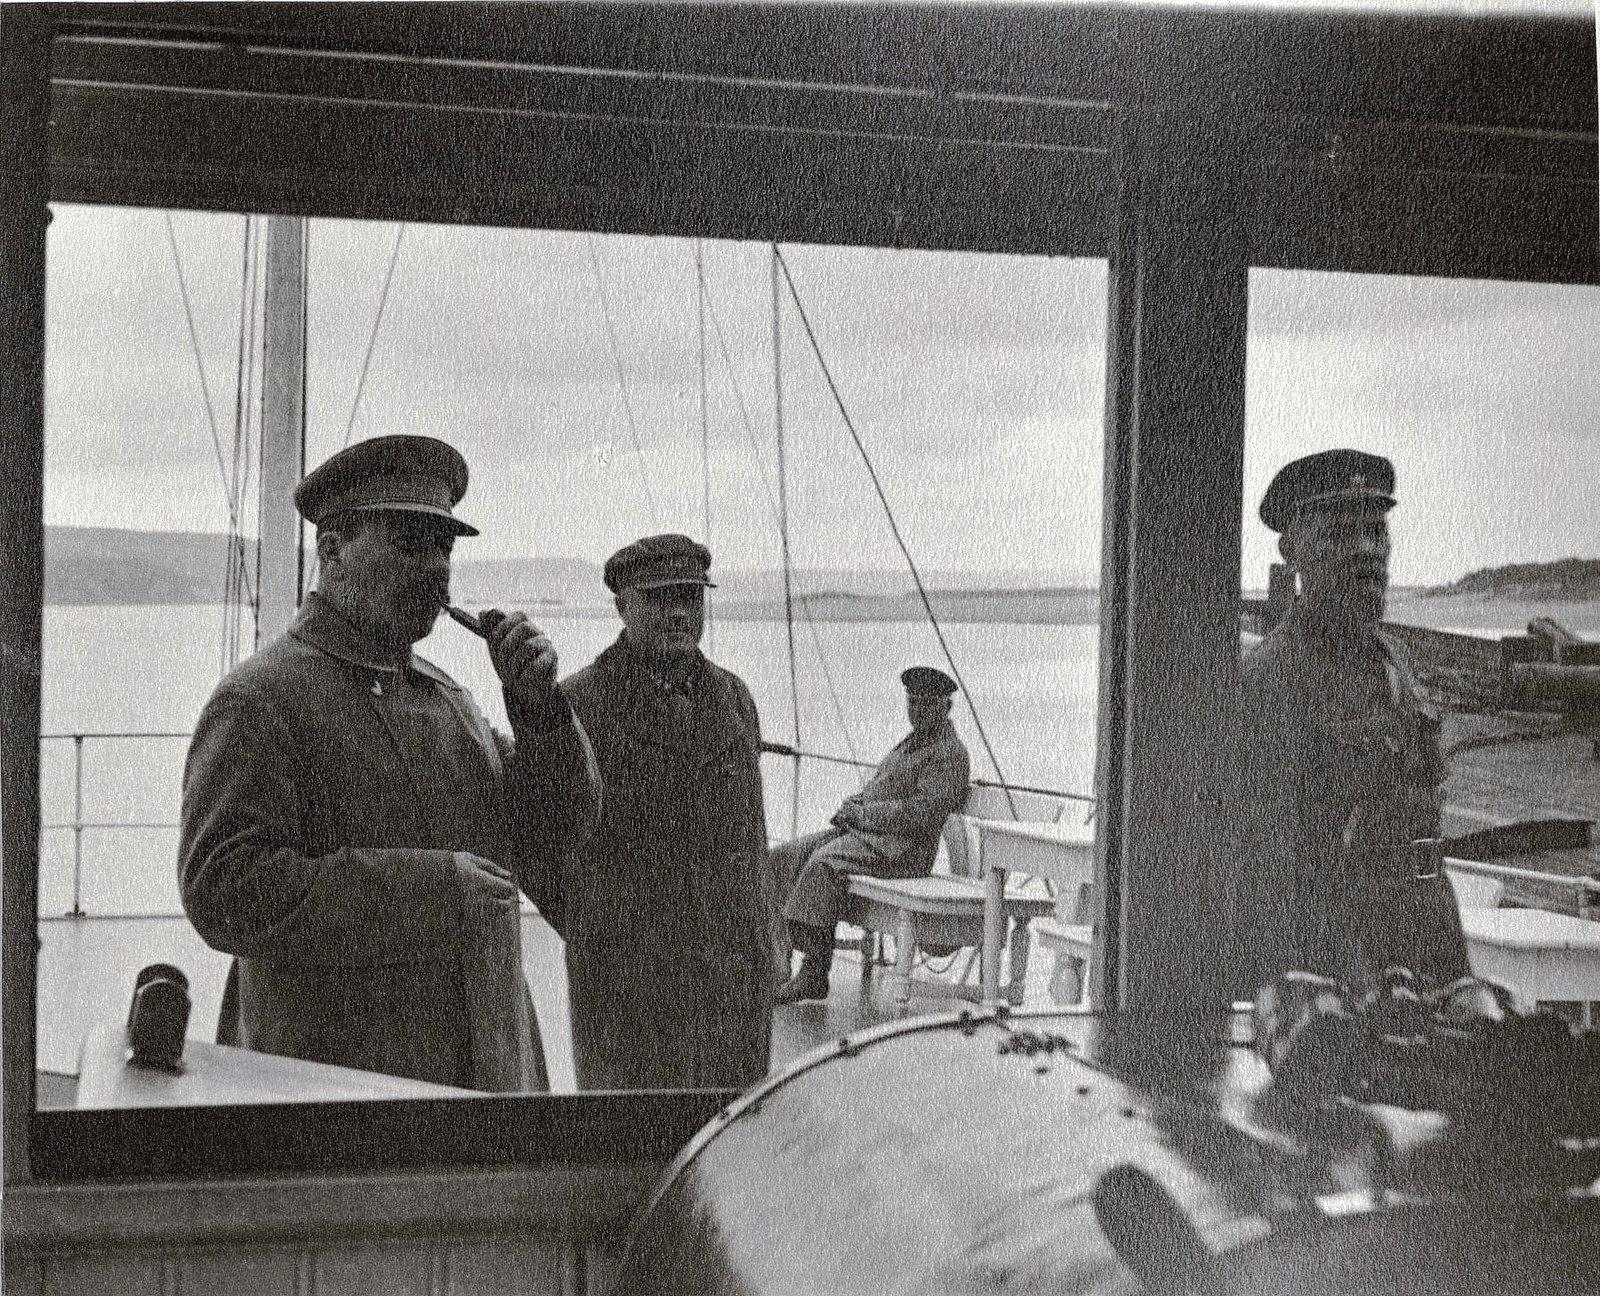 34. И.В. Сталин, К.Е. Ворошилов, Н.С. Власик, (). Теплоход Клара Цеткин. Август 1933